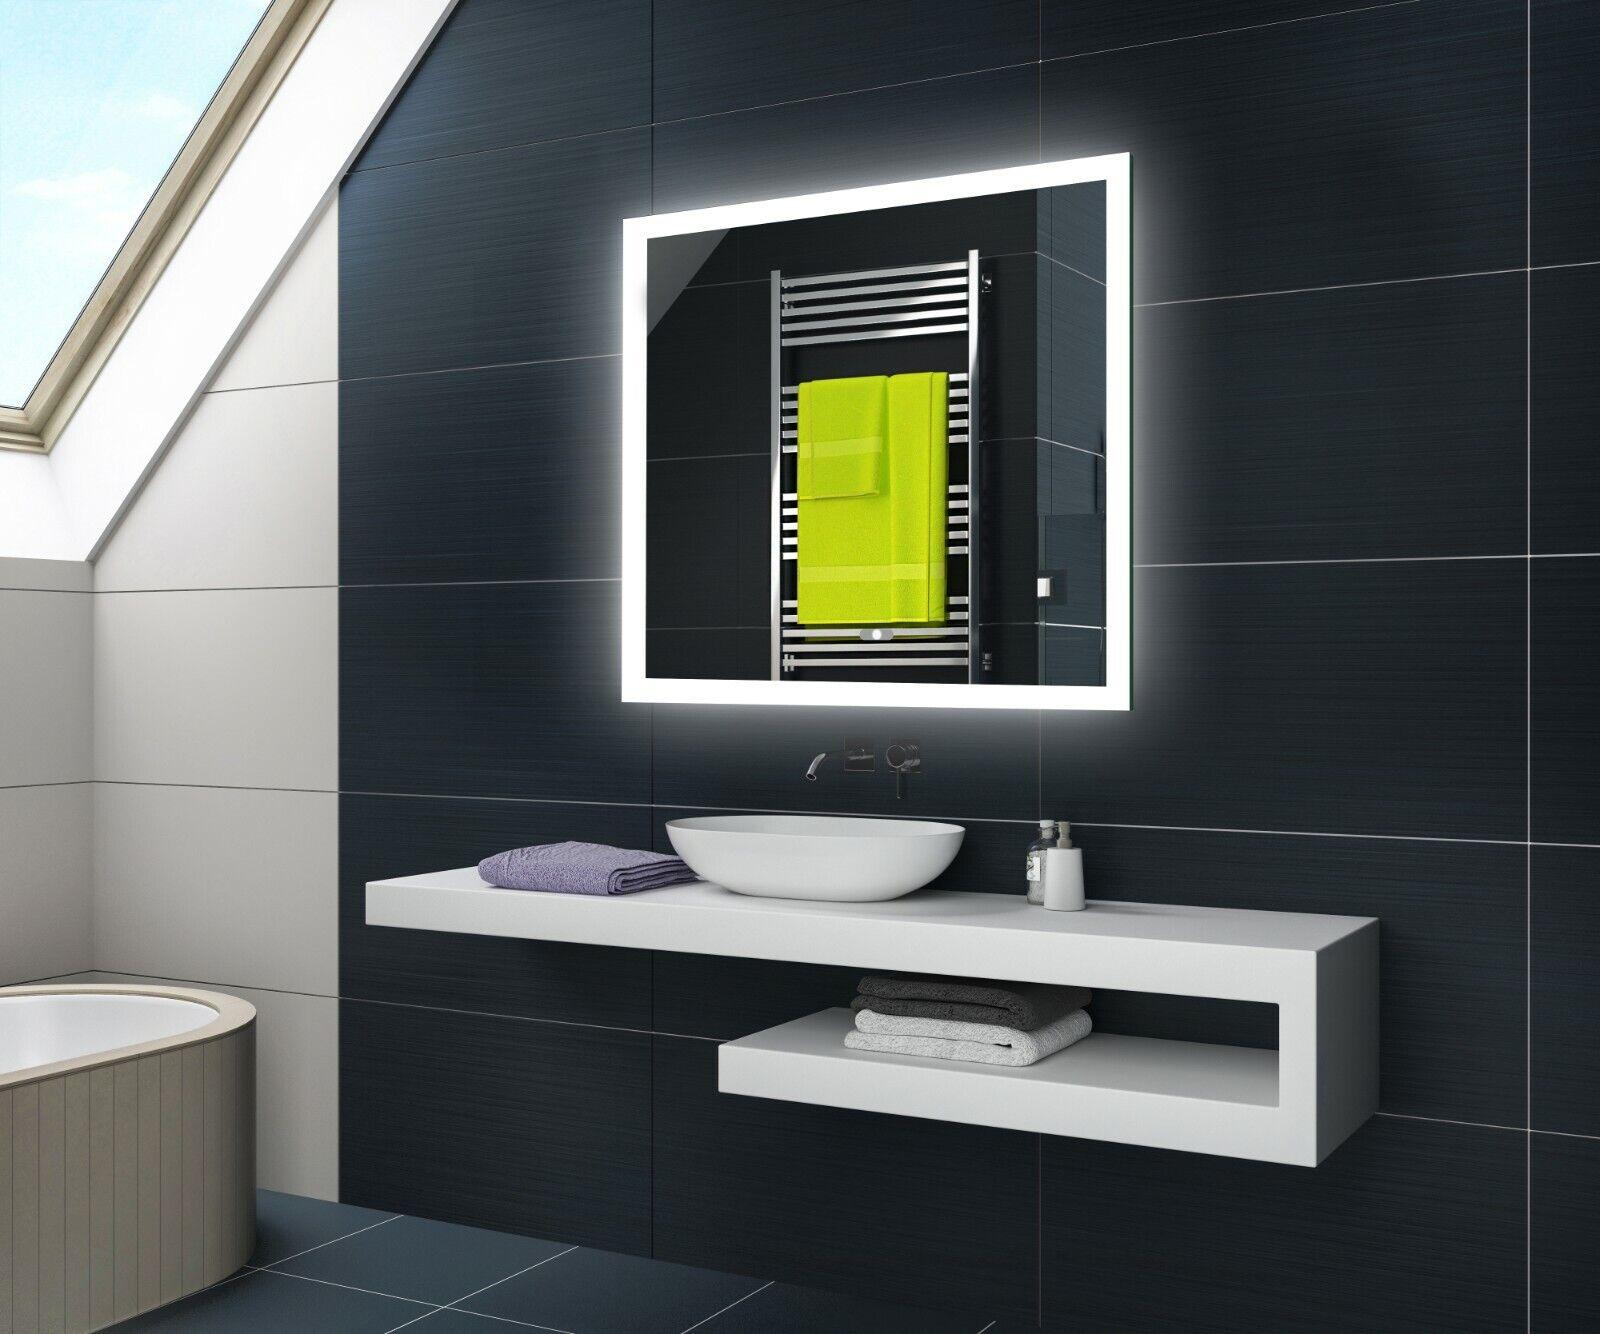 Badspiegel mit LED Beleuchtung Lichtspiegel SCHALTERLED KOSMETIKSPIEGEL L01